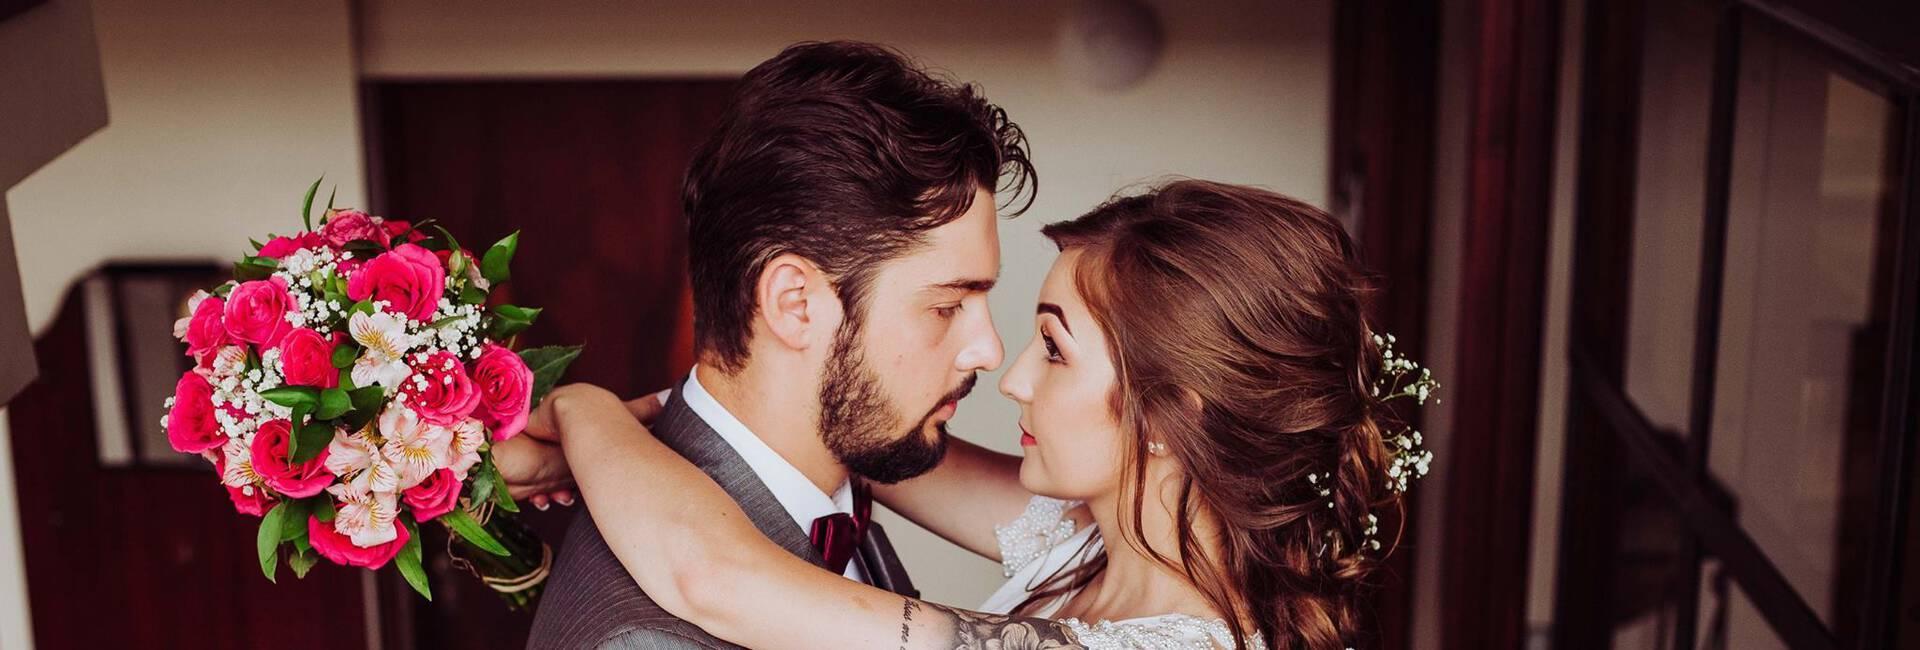 Casamento de Ale&Marcello